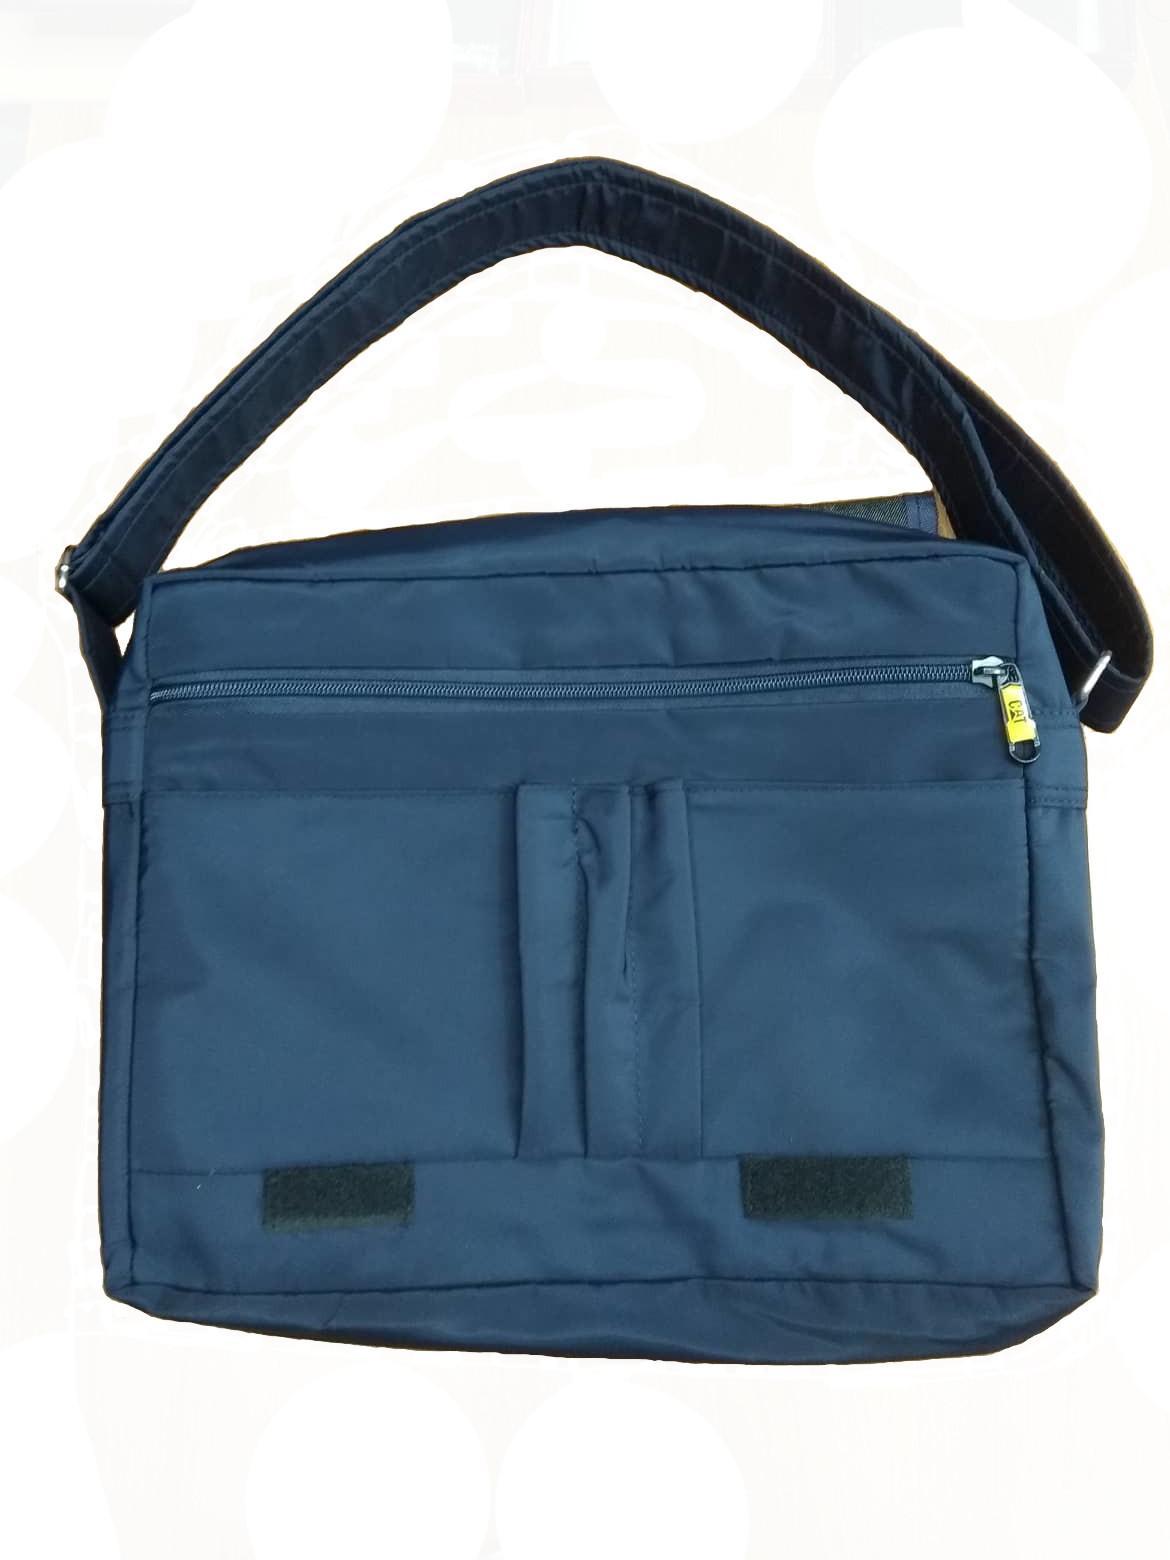 dee86461184b Messenger Bag Shoulder Bag Laptop Bag College Side Bag Bookbag ...